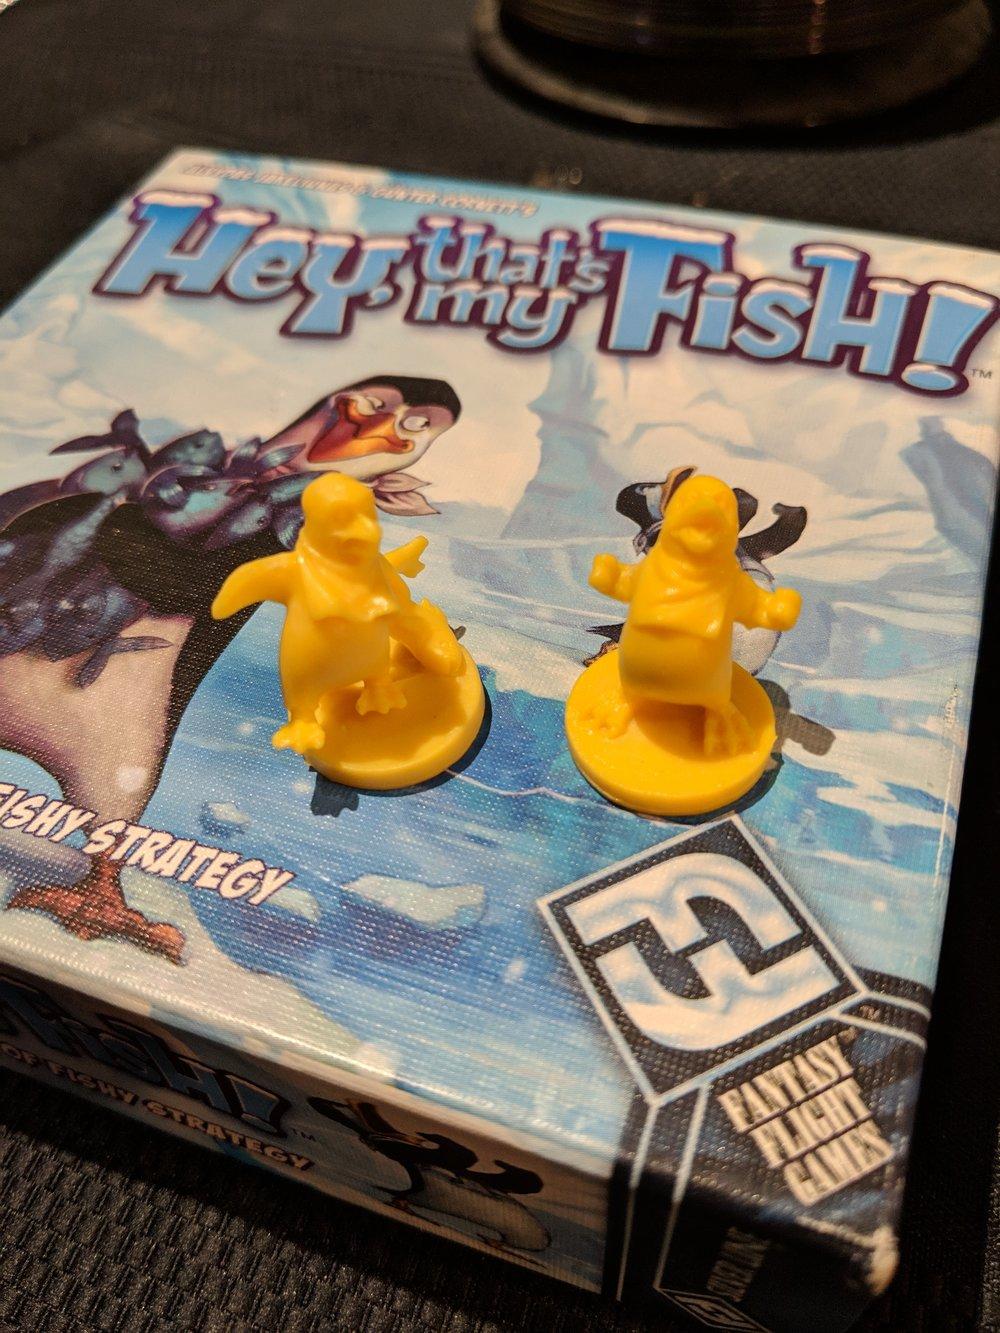 Heythatsmyfish.jpg